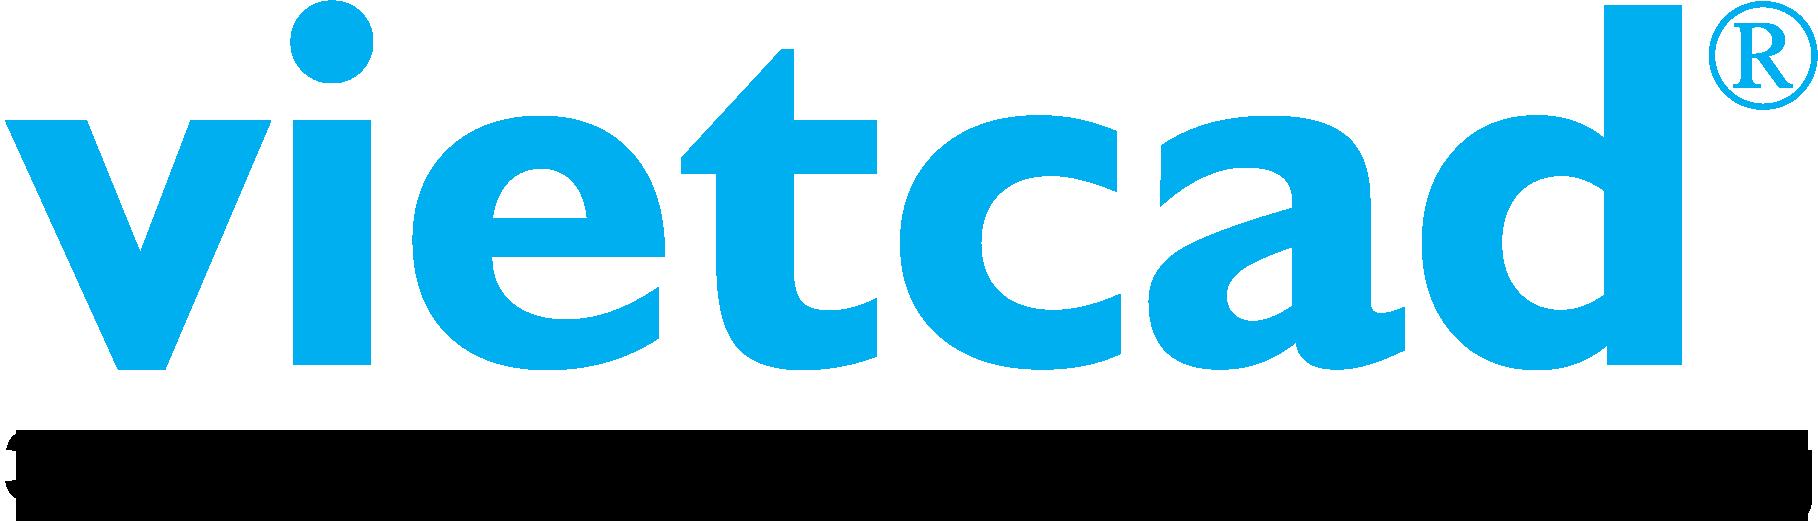 VietCAD Co., LTD Logo